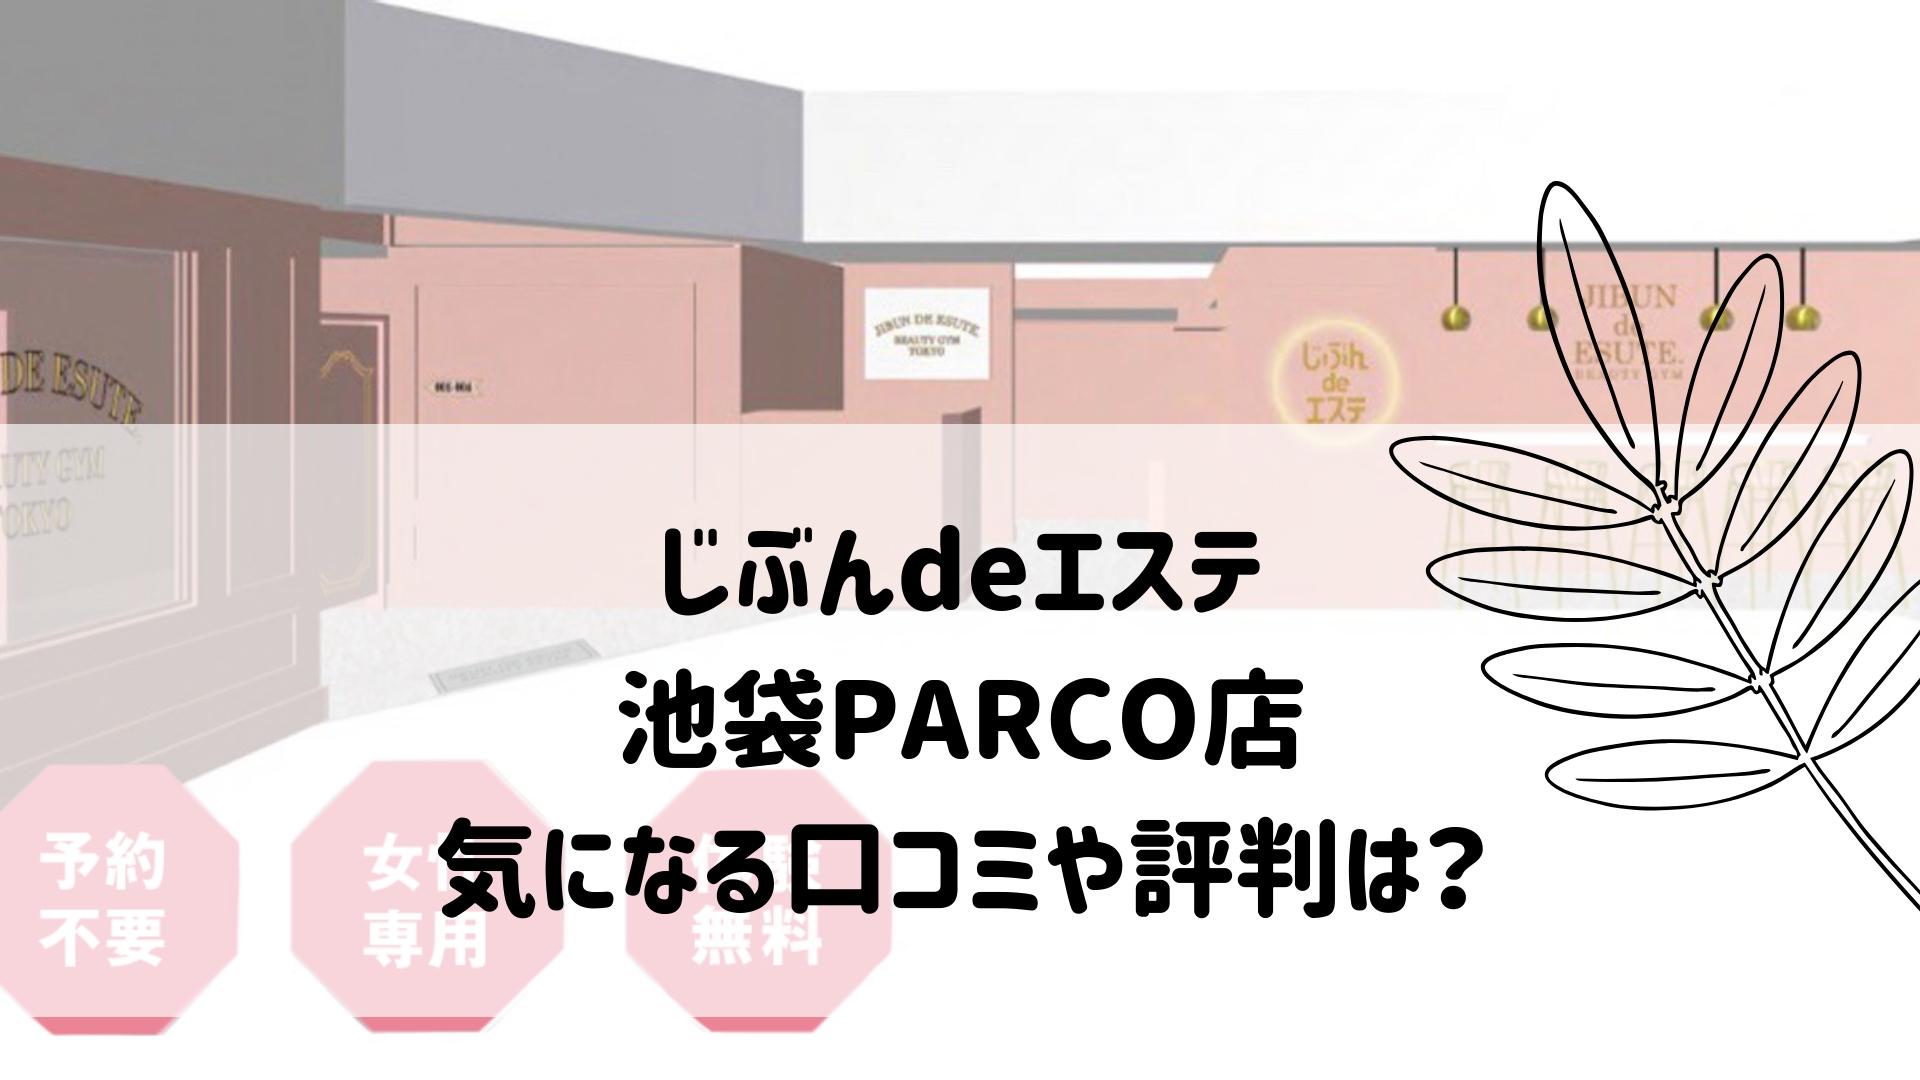 じぶんdeエステ 池袋PARCO店 気になる口コミや評判は?